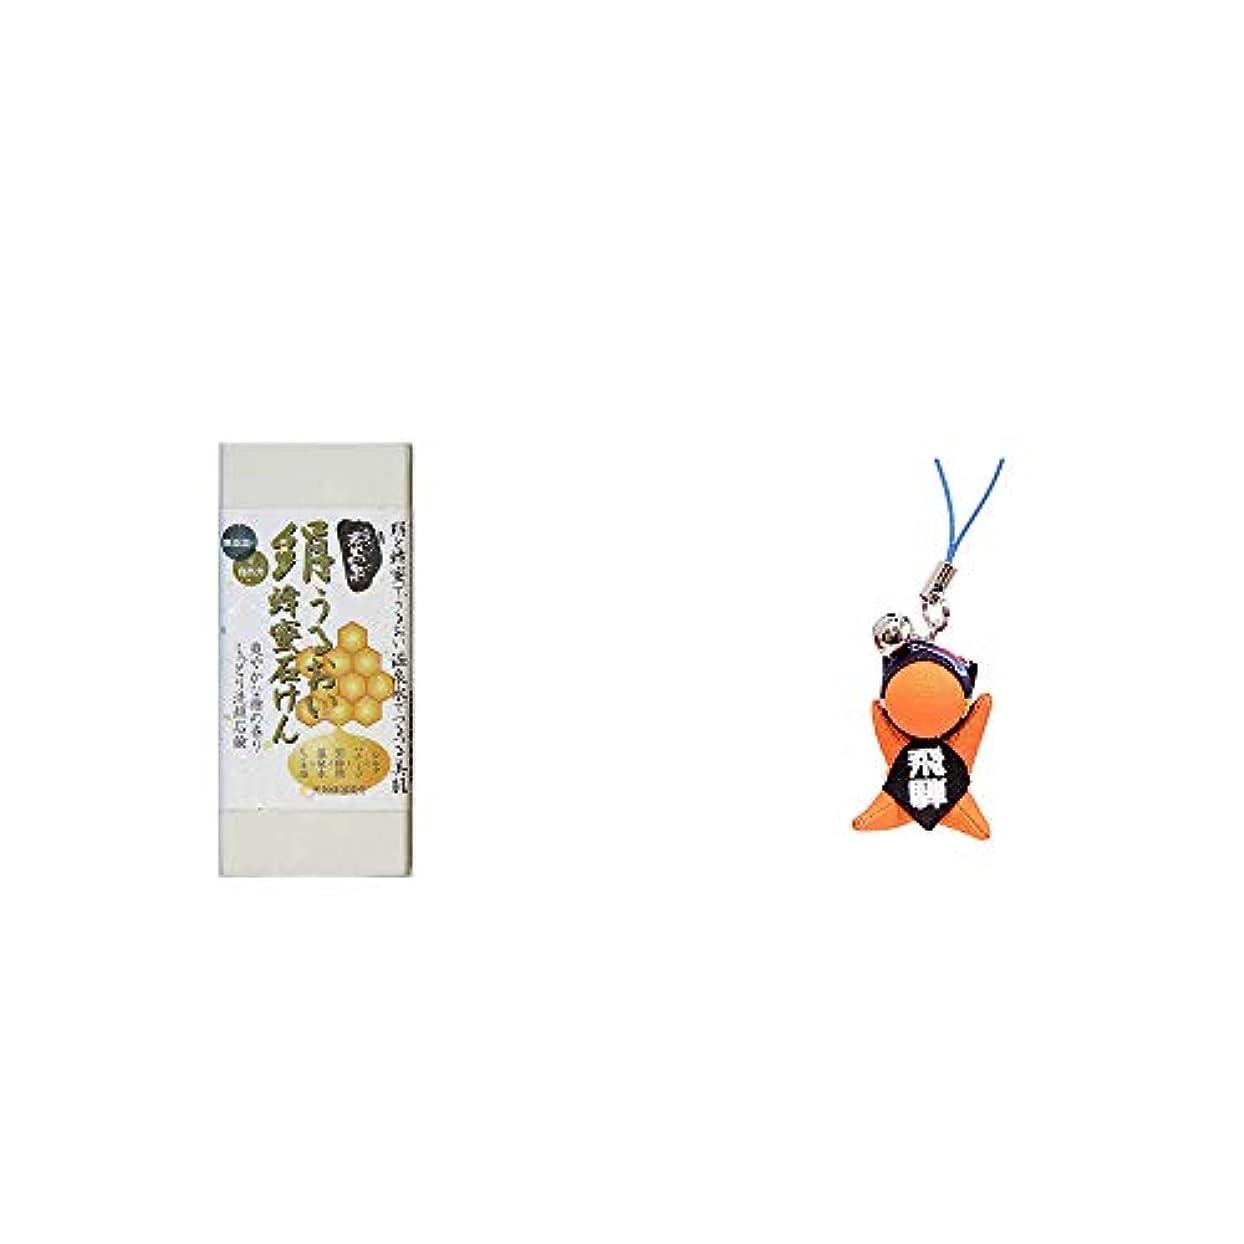 なんでも鍔東部[2点セット] ひのき炭黒泉 絹うるおい蜂蜜石けん(75g×2)?さるぼぼ幸福ストラップ 【黄】 / 風水カラー全9種類 金運?財運 お守り//